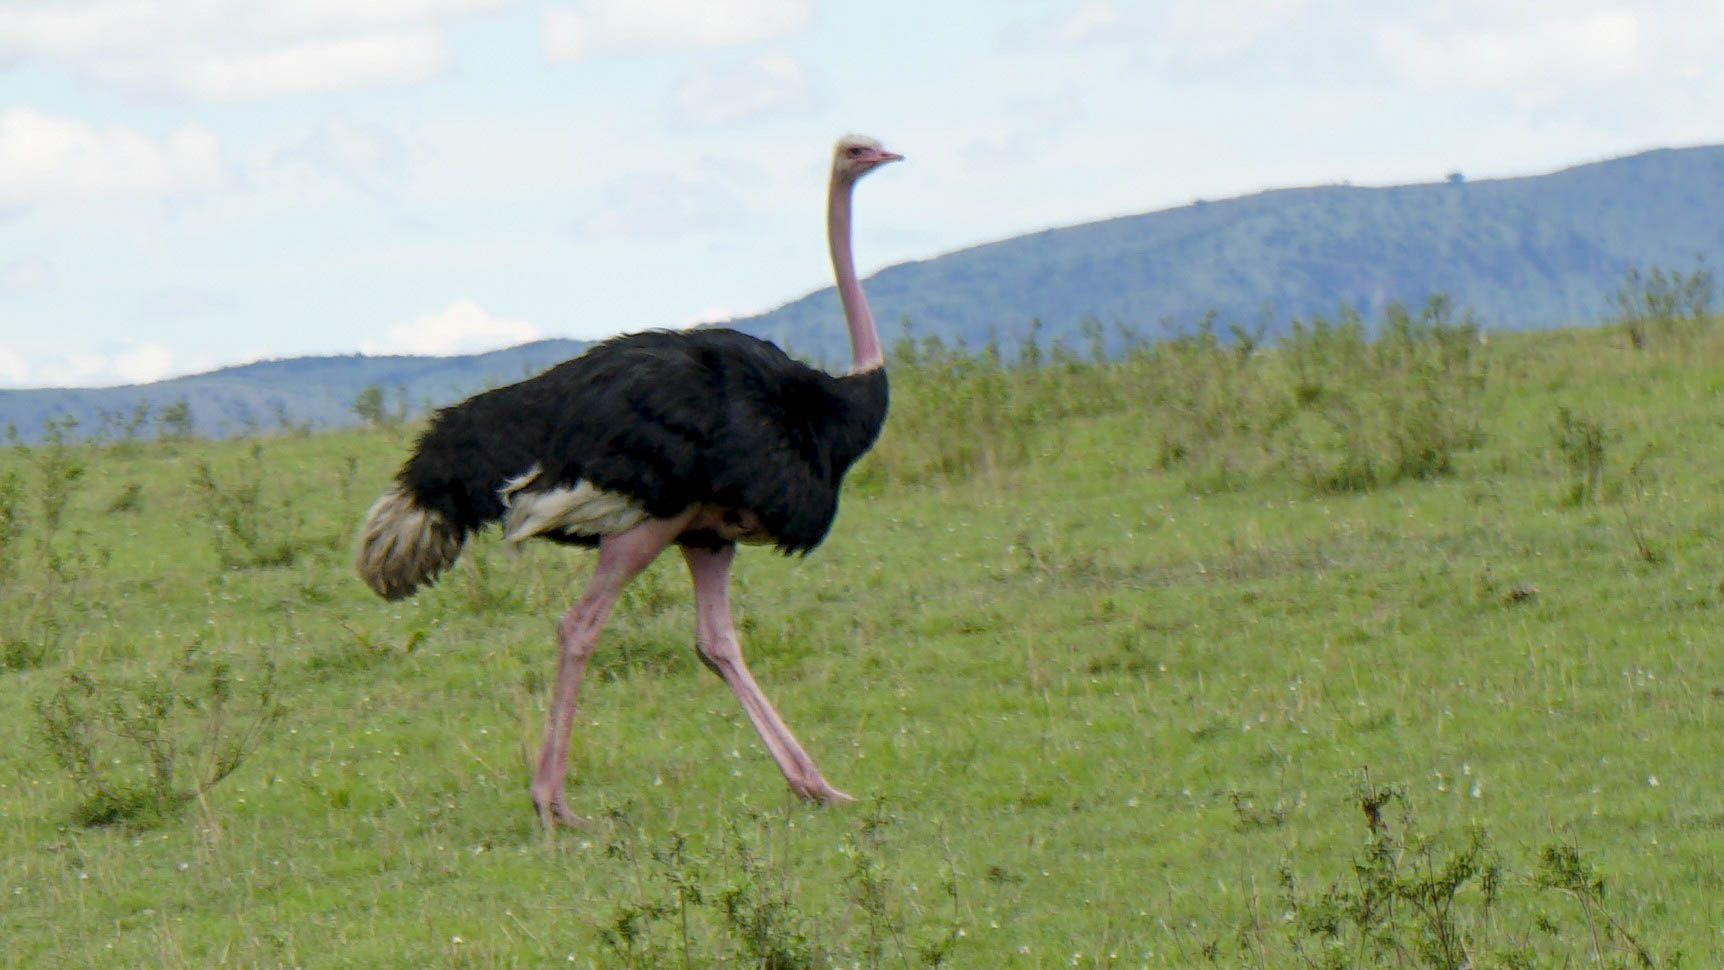 an adult ostrich walks in an open field